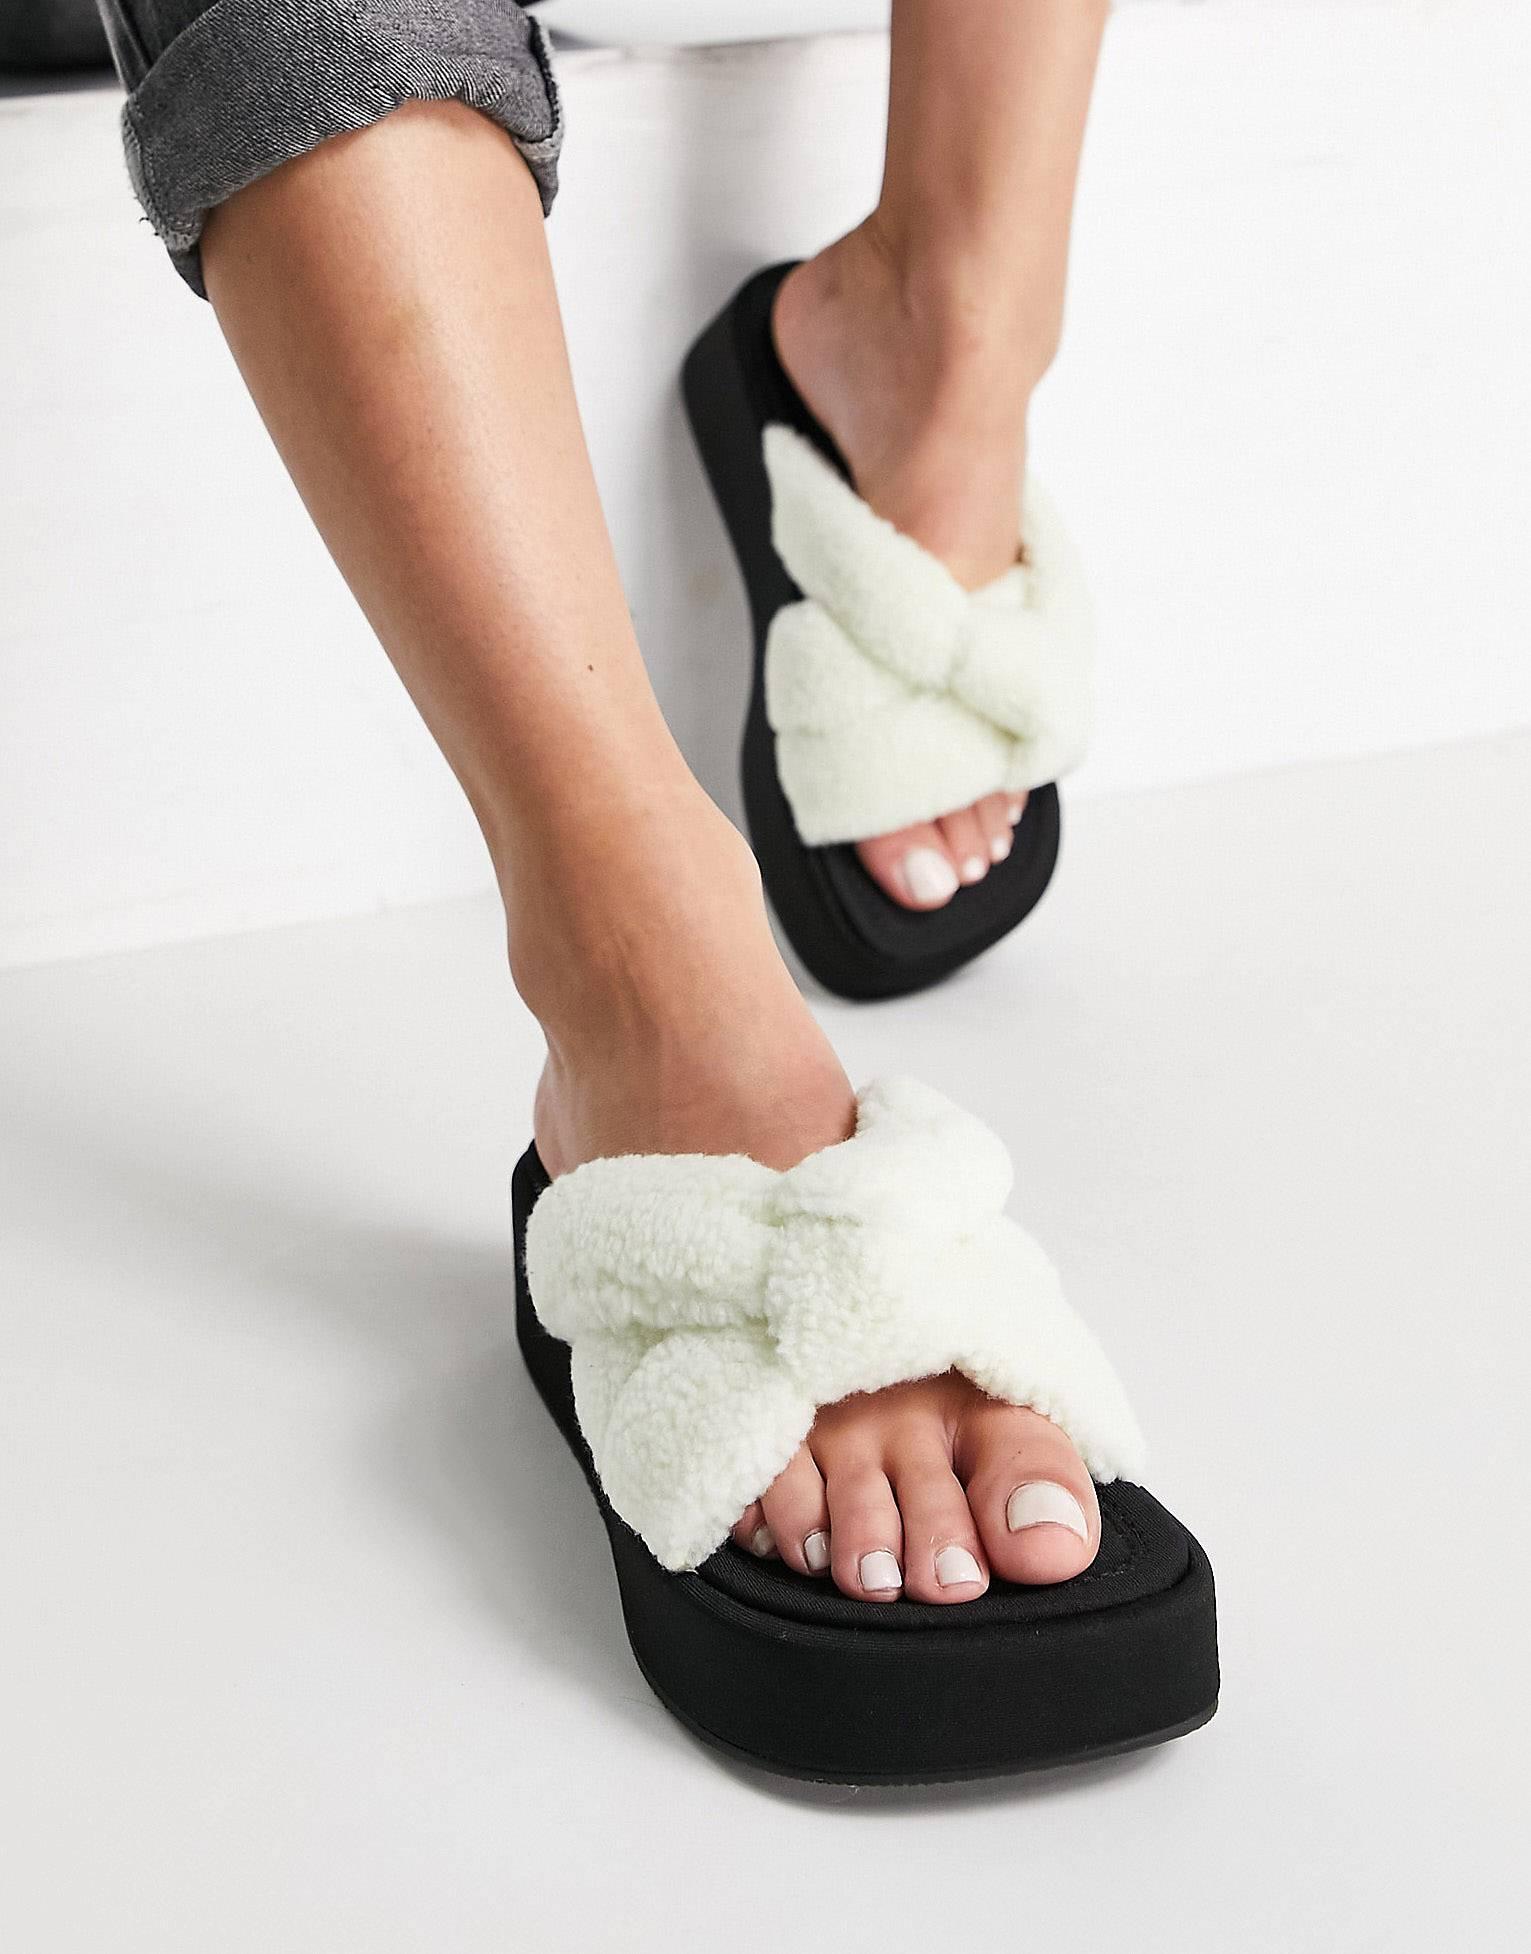 Sandalias color crema con plataforma plana y diseño acolchado y anudado de borreguito.